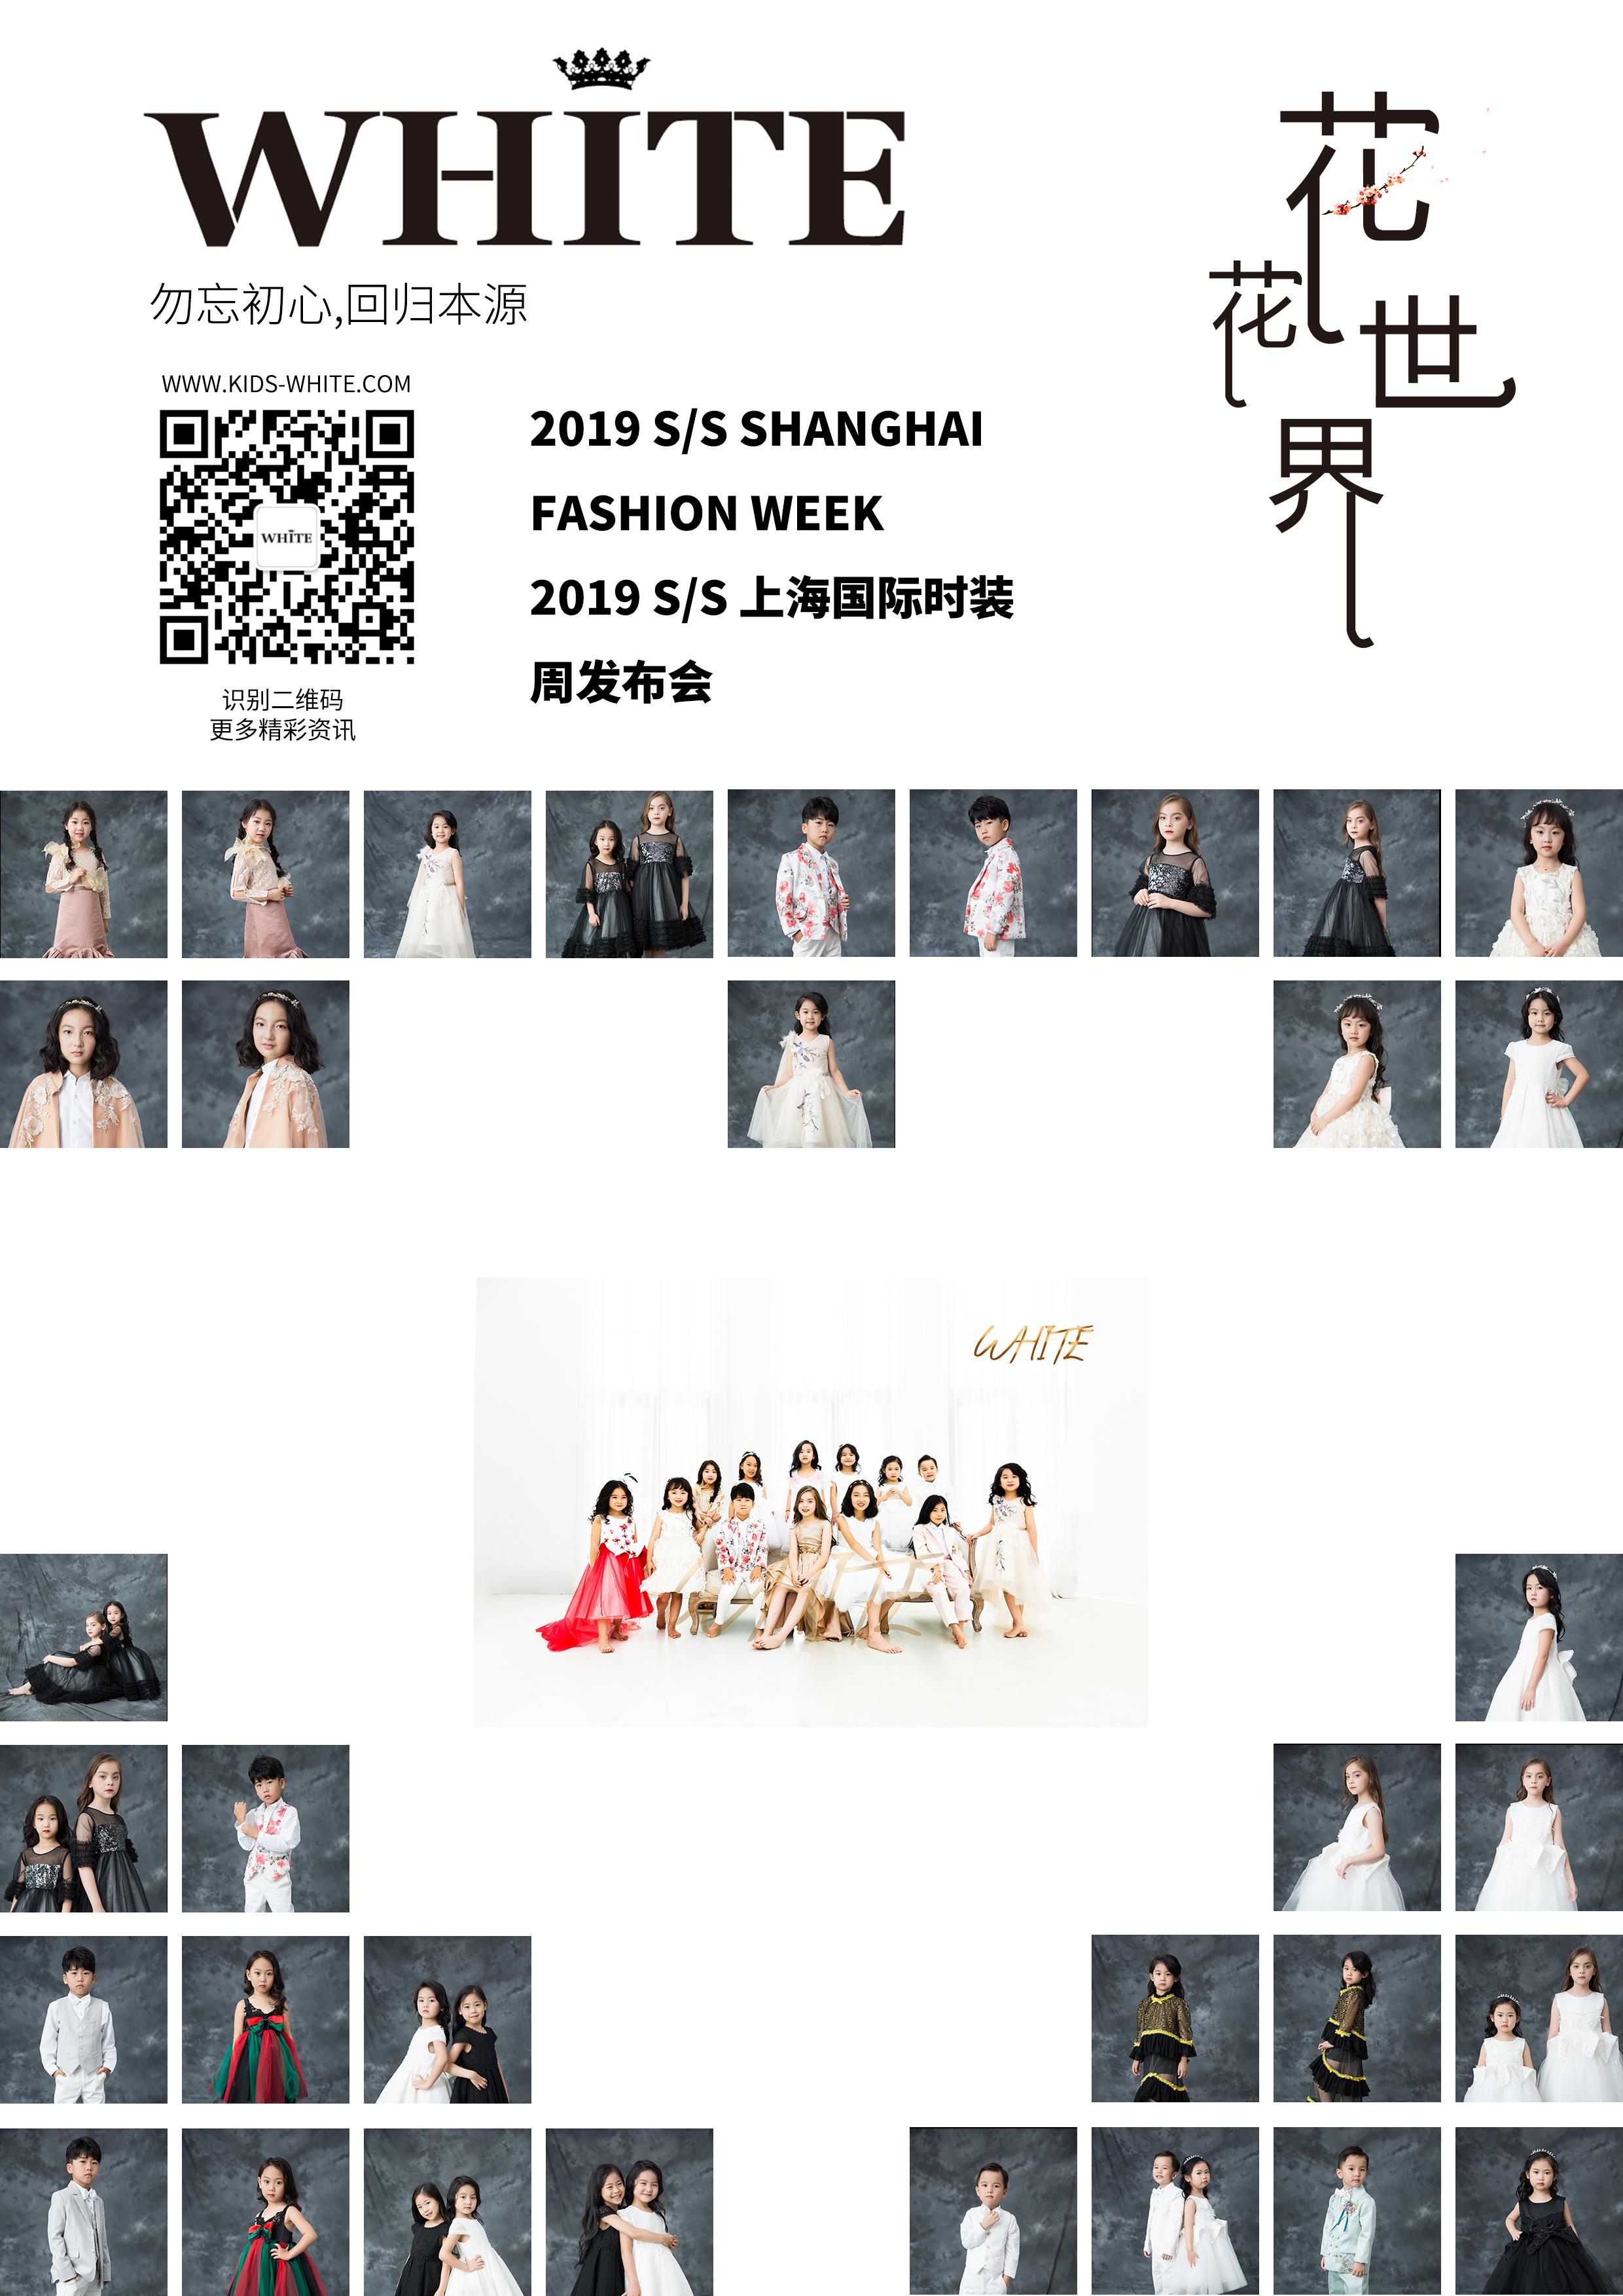 meishubao/2018080717075042774.jpg